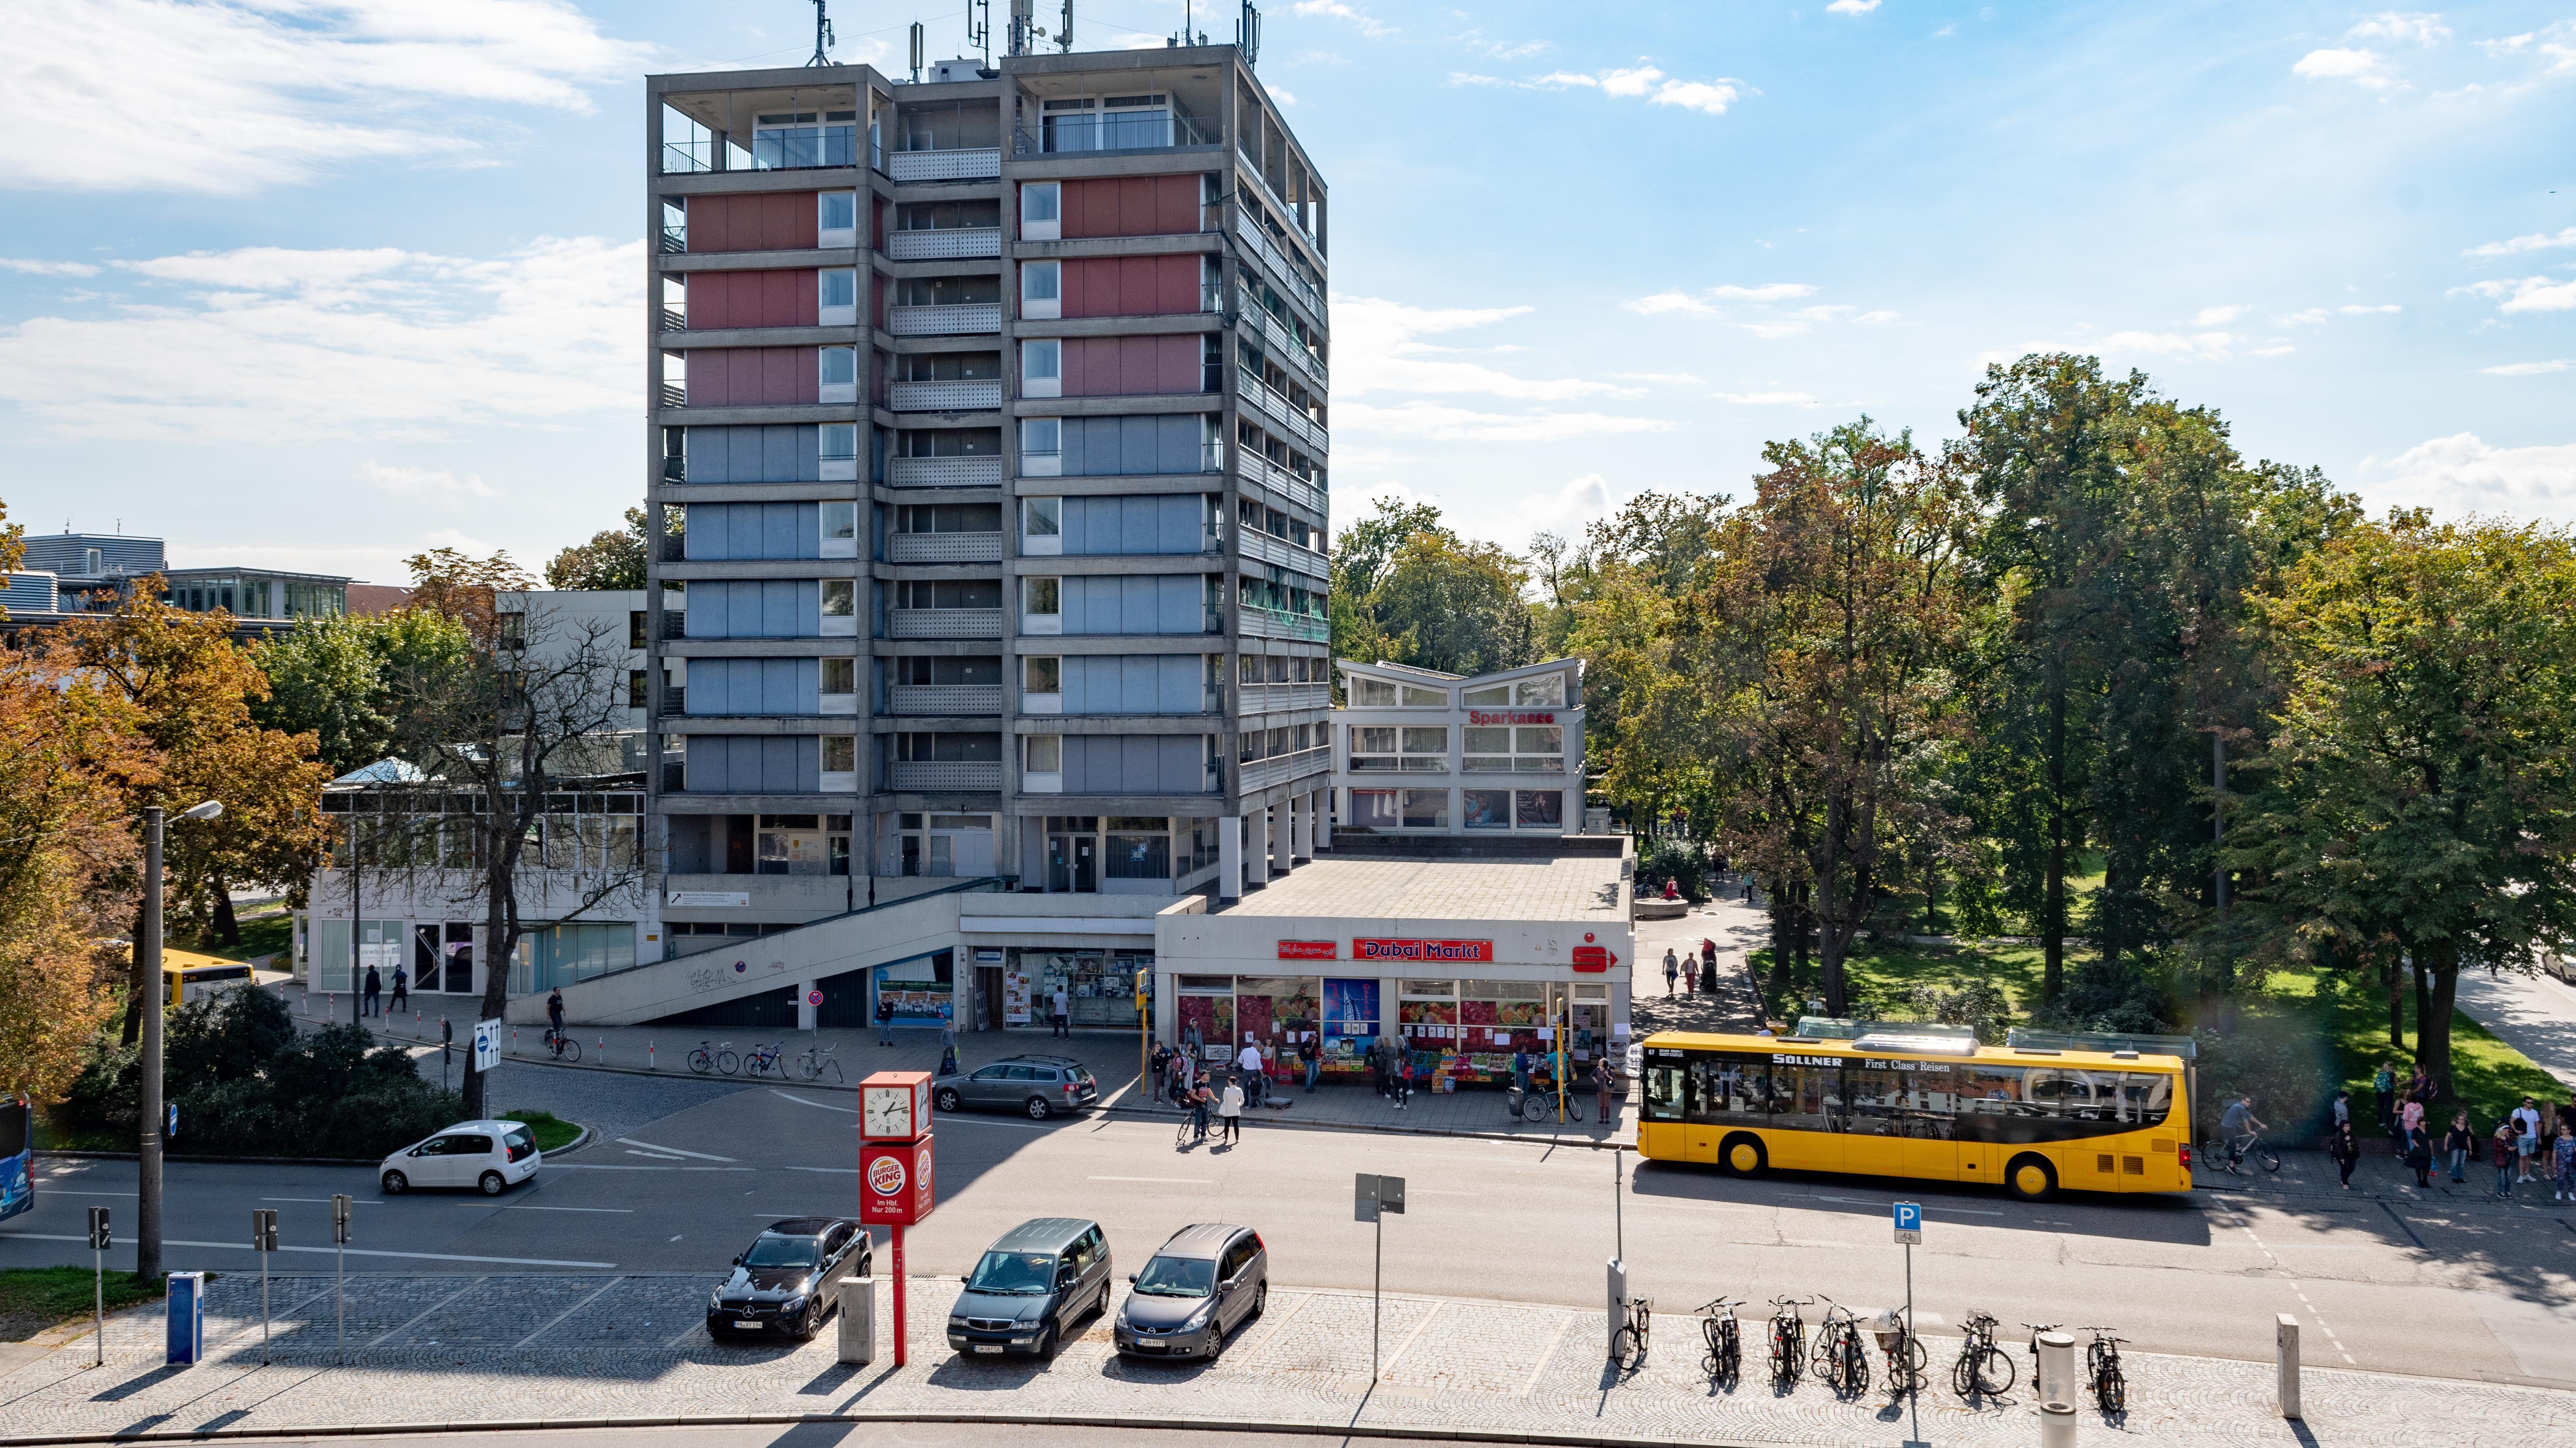 Das Kepler-Areal in der Regensburger Innenstadt nahe dem Hauptbahnhof. Hier soll der Omnibusbahnhof entstehen.